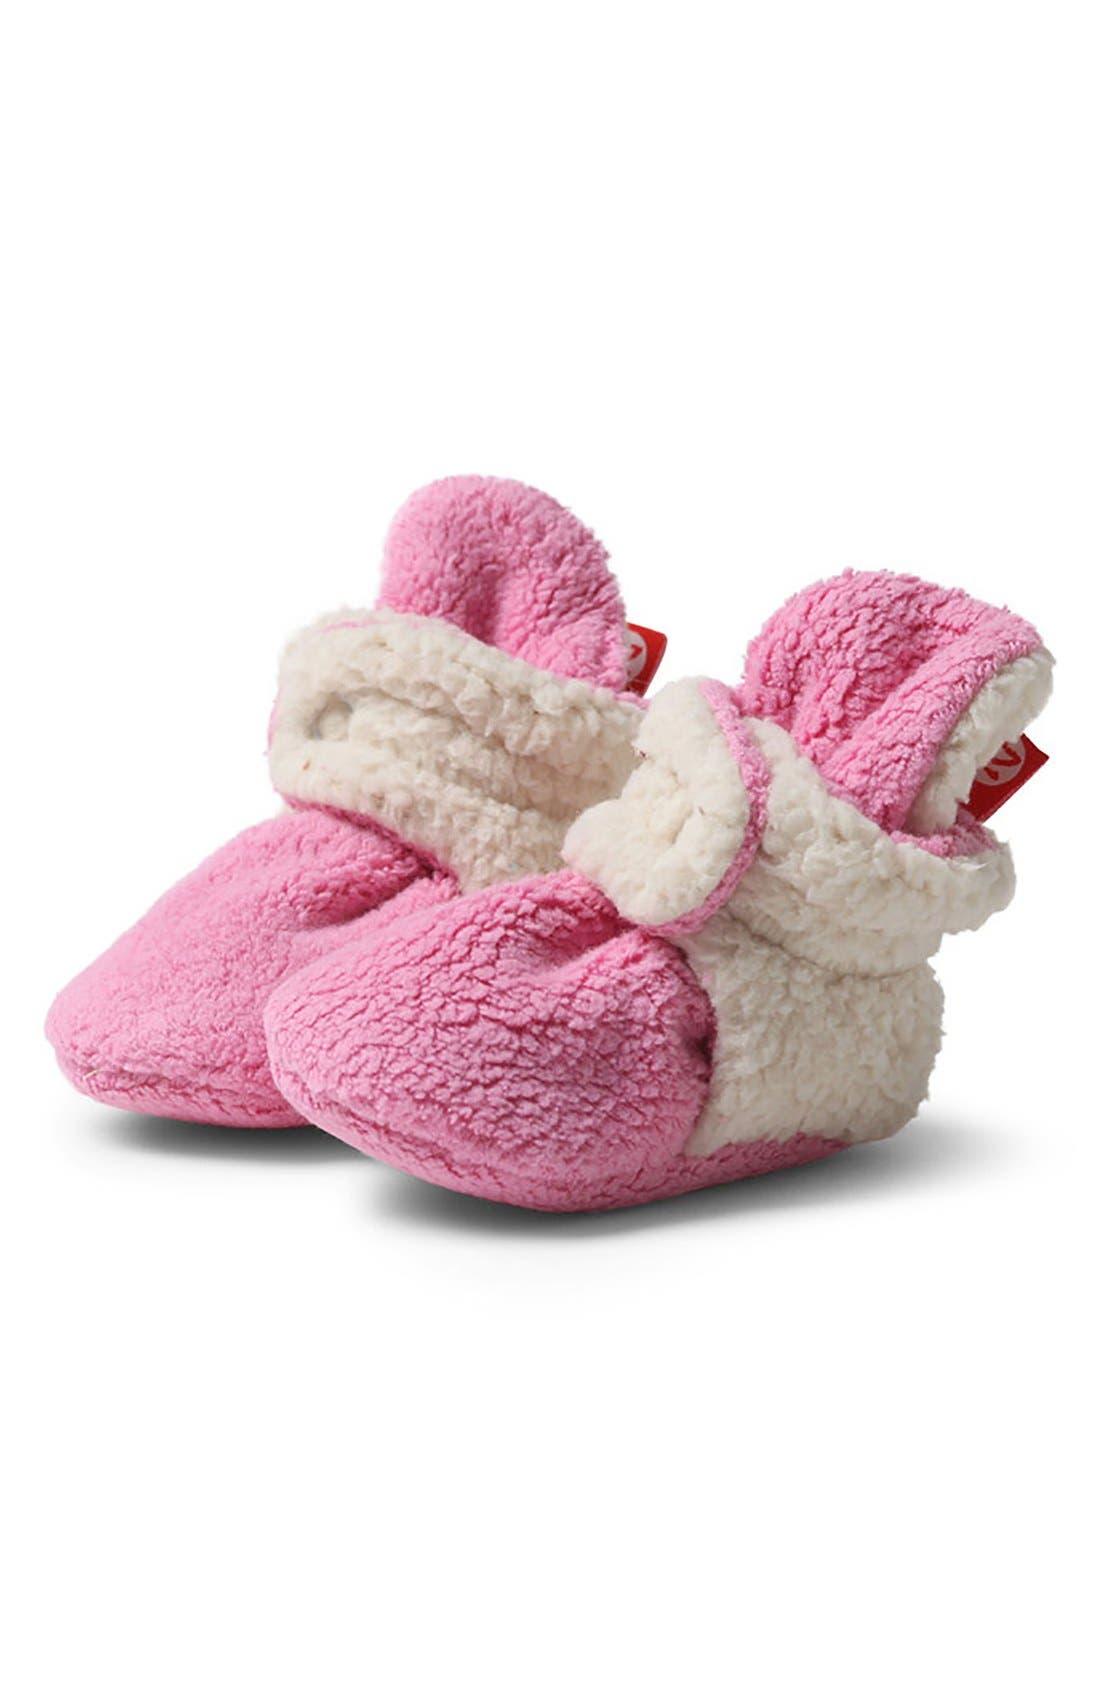 Main Image - Zutano 'Cozie' Fleece Booties (Baby)